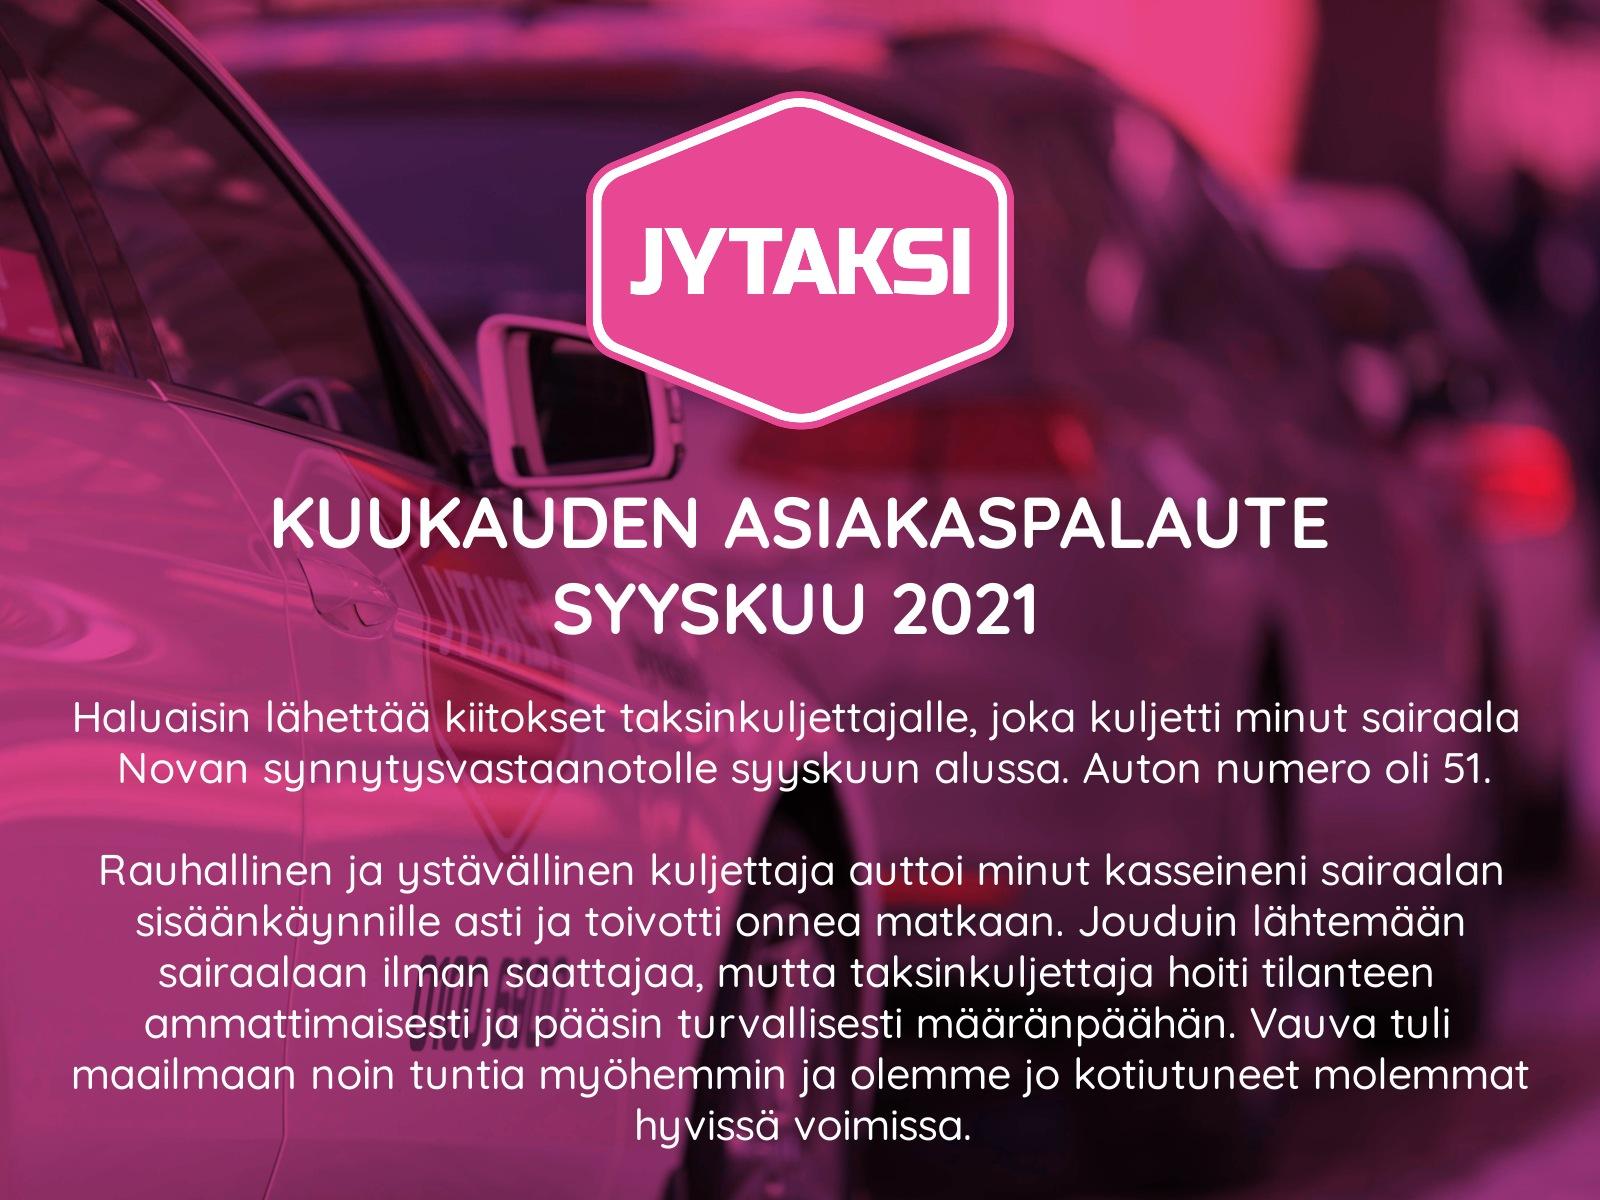 Kuukauden-asiakaspalaute-2021-9-banneri